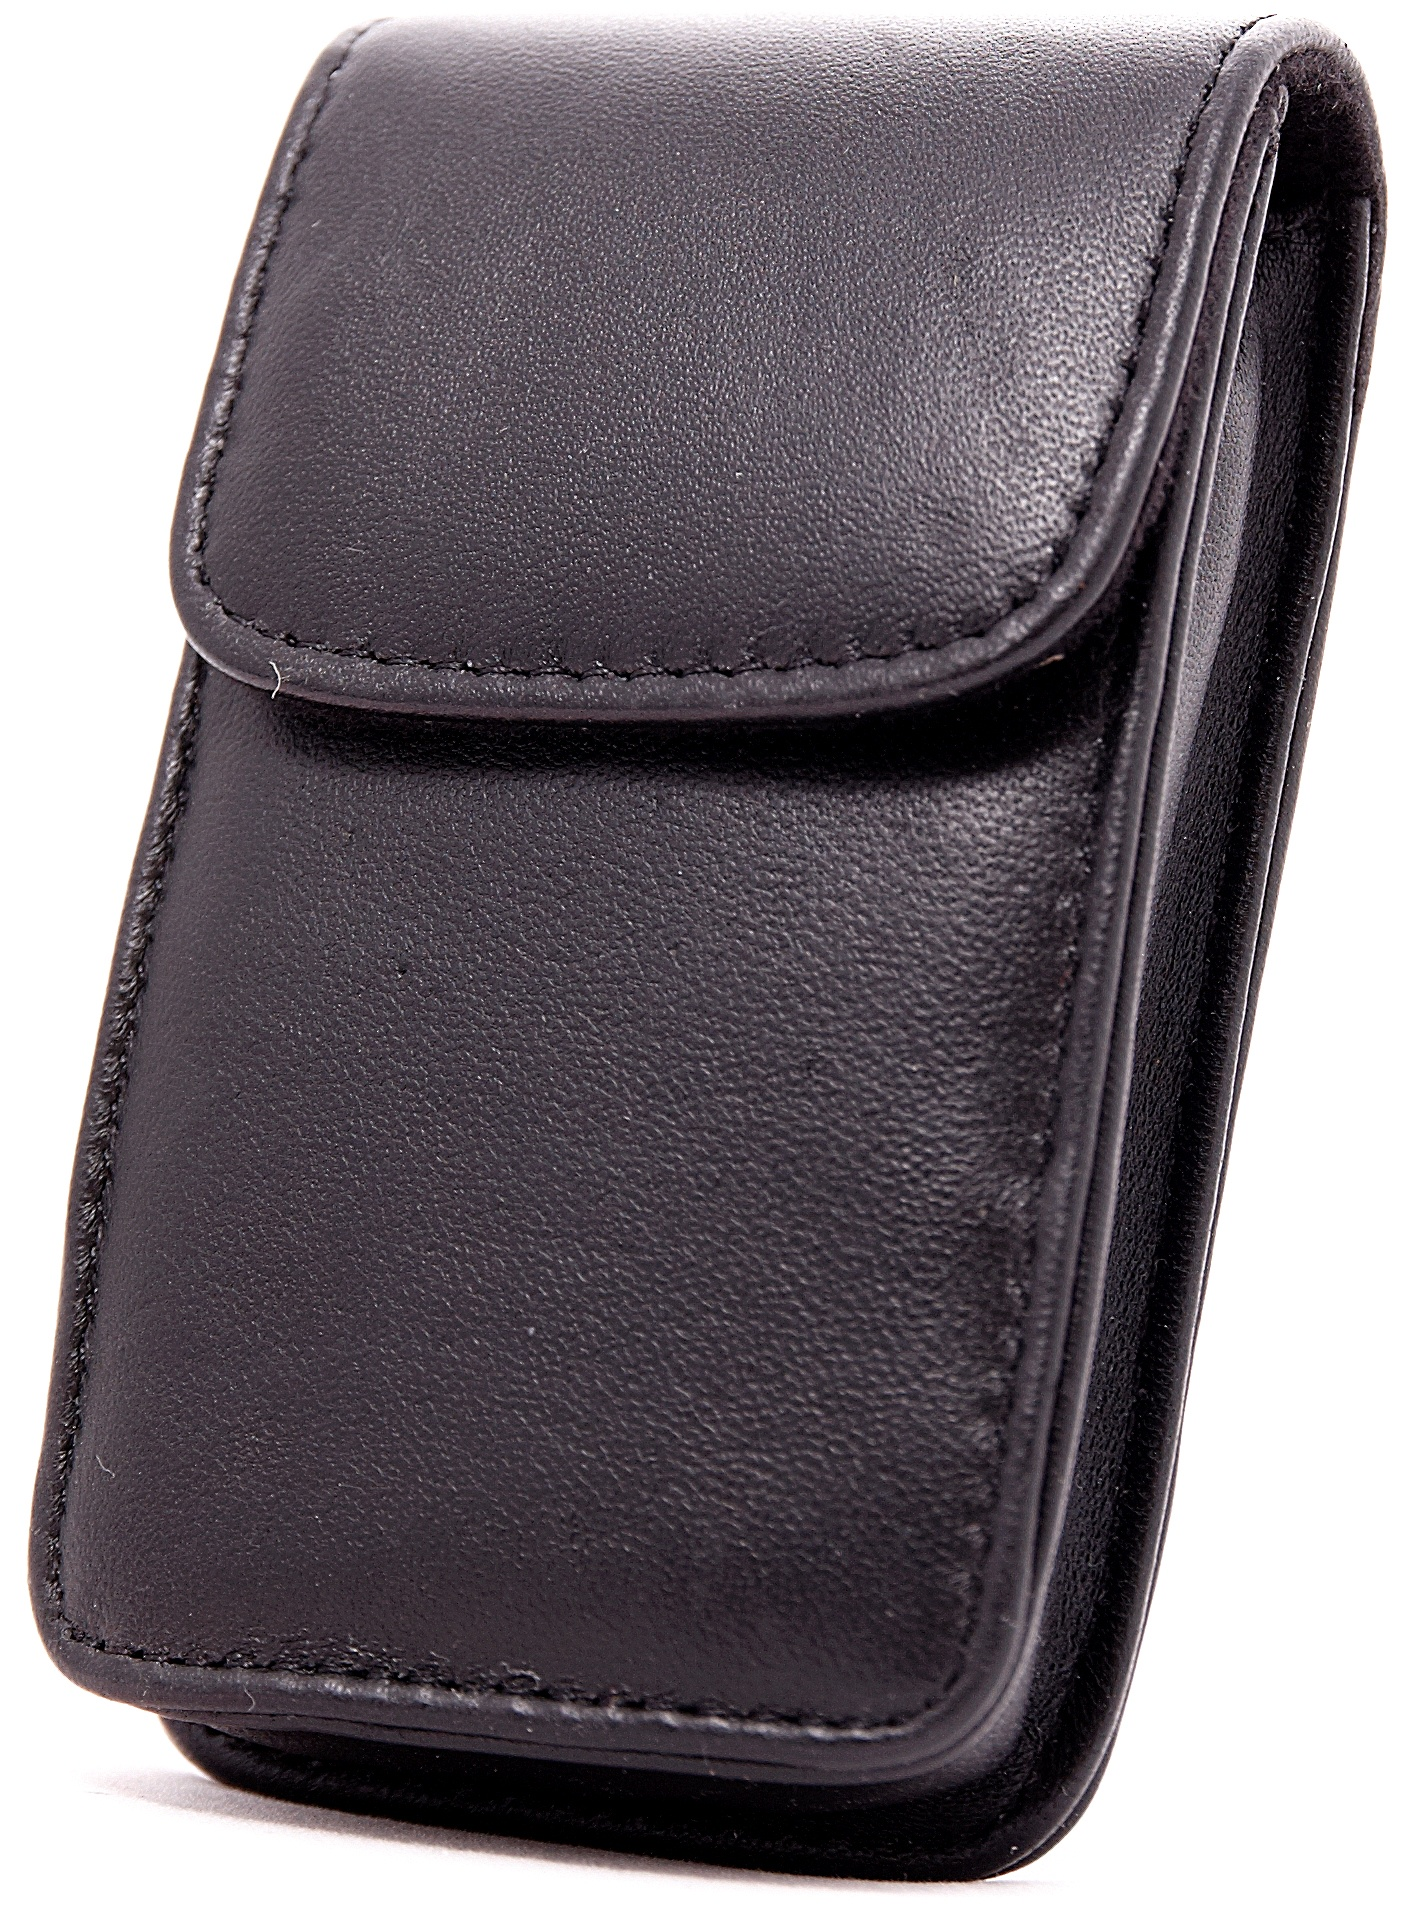 Чехол Roxwill F40 для компактных фотокамер, black roxwill k10 grey чехол для фото и видеокамер